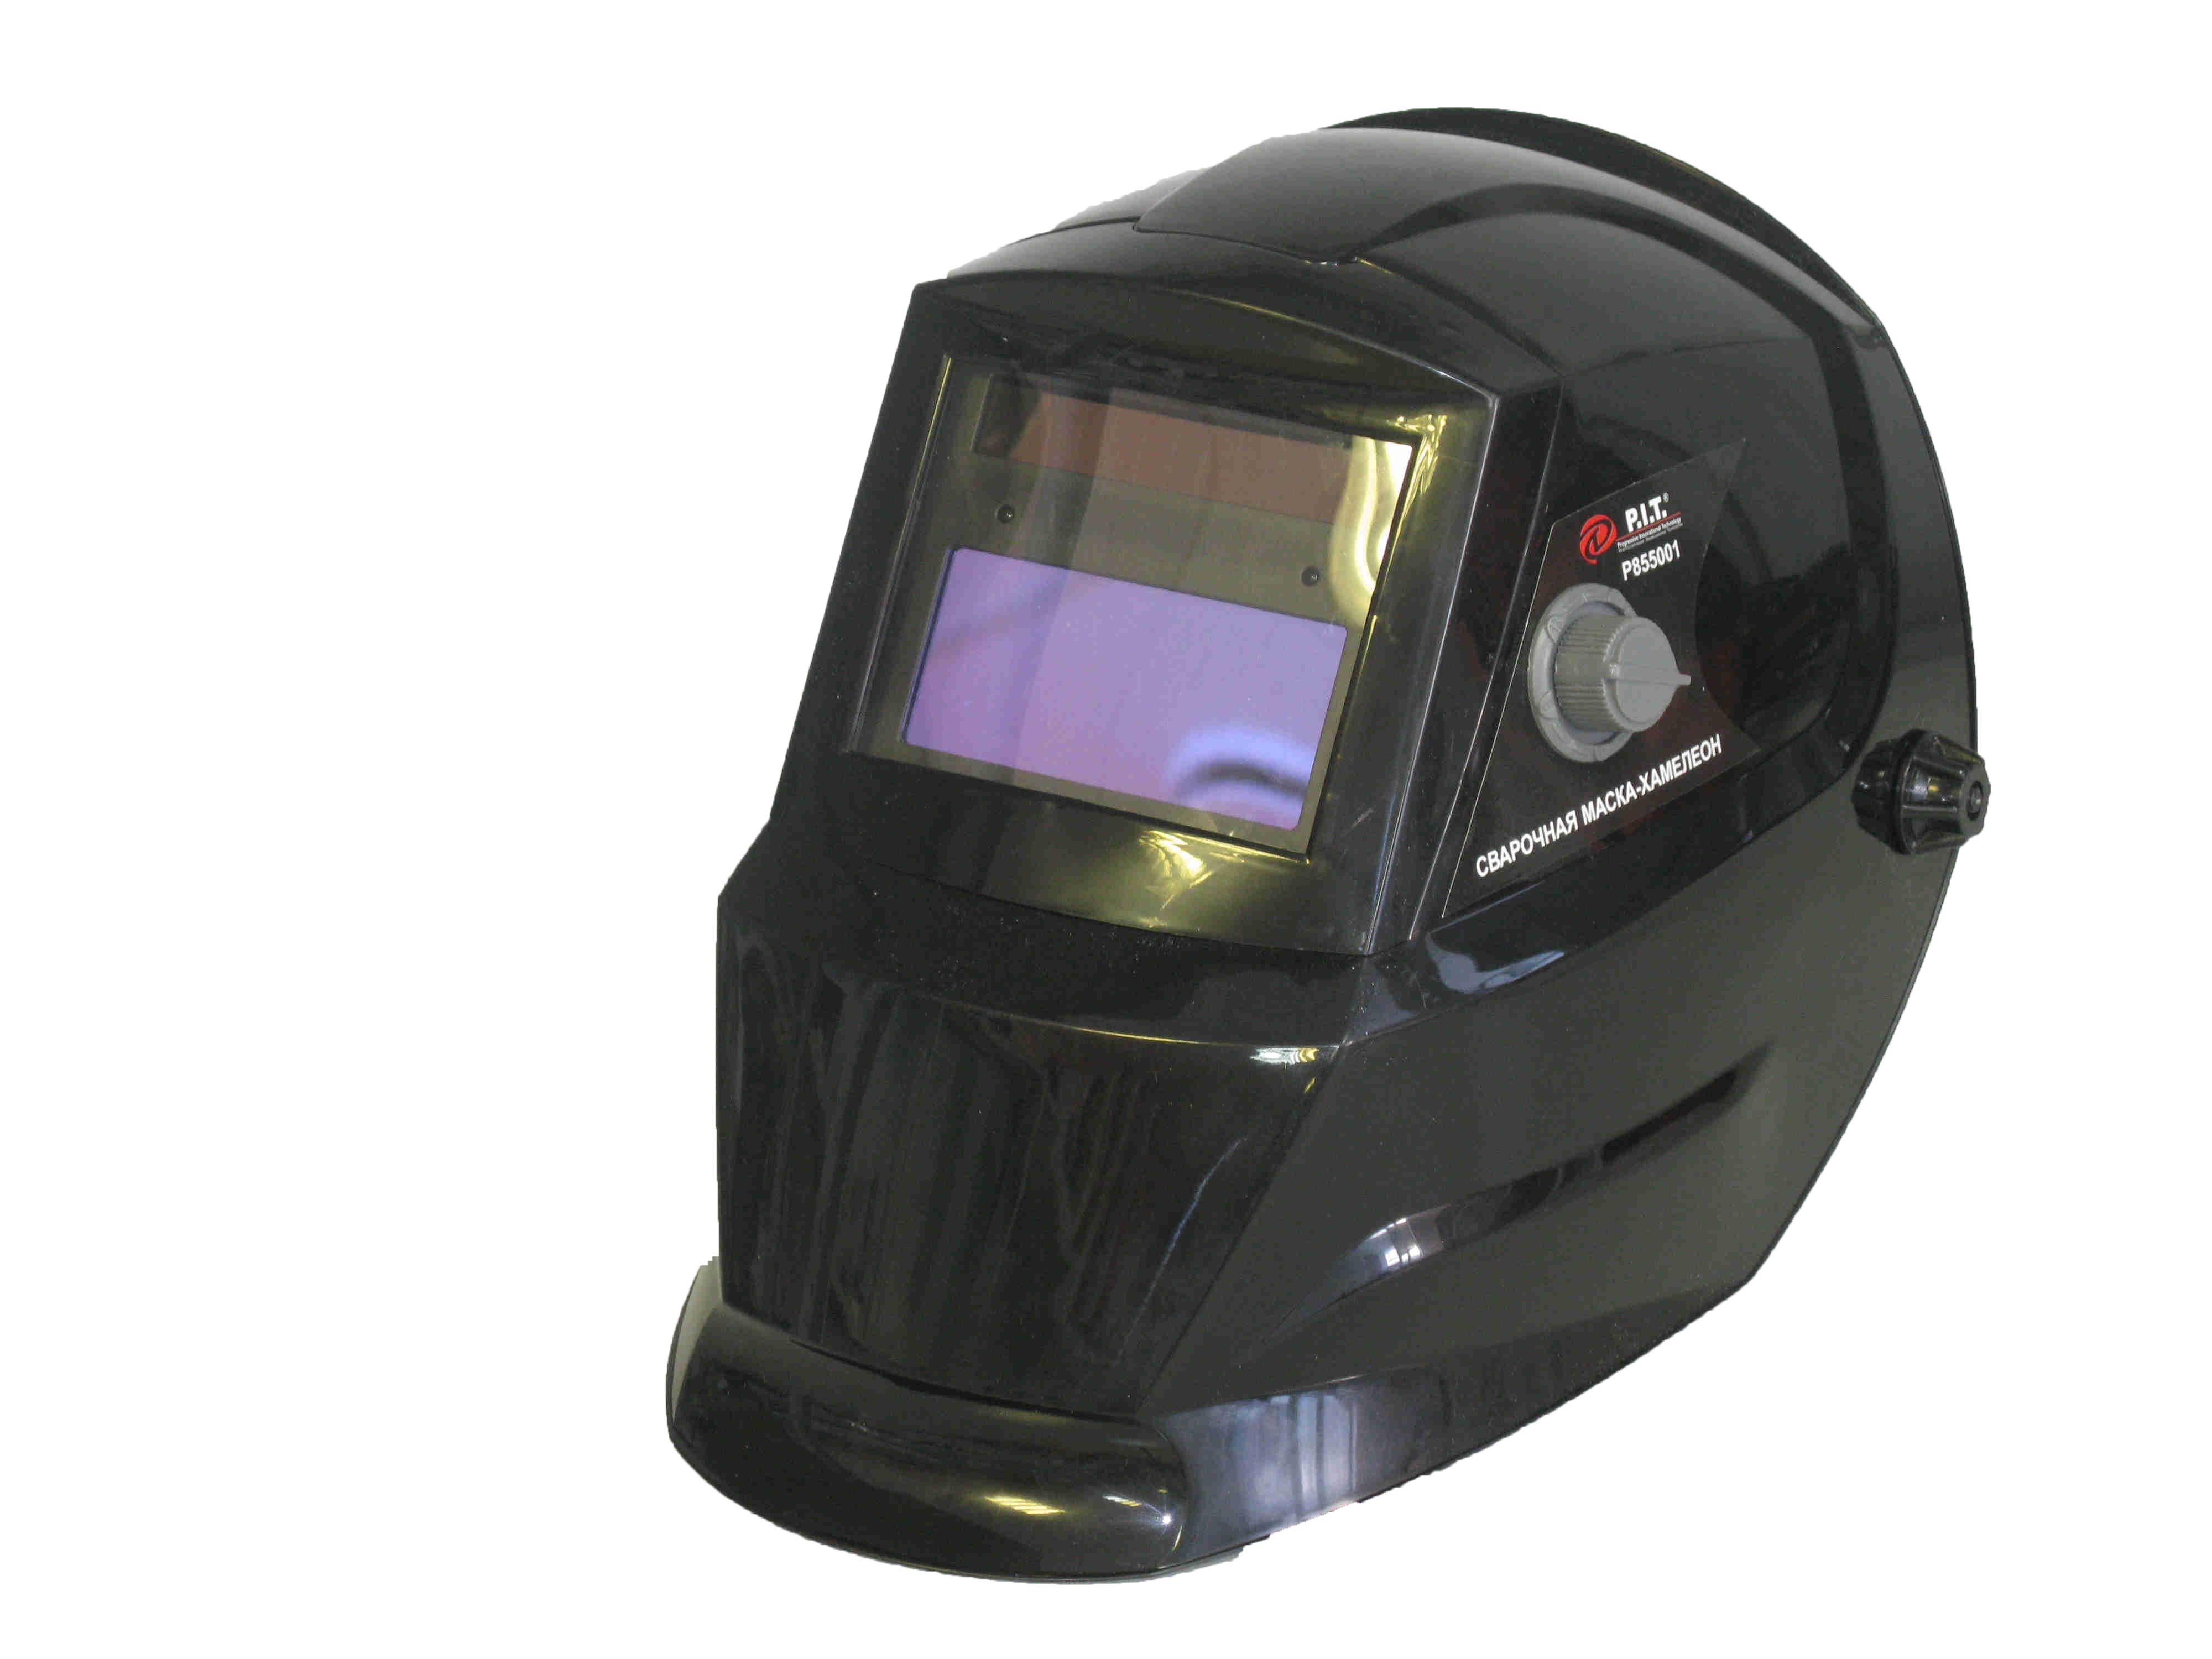 Сварочная маска хамелеон: инструкция по эксплуатации.